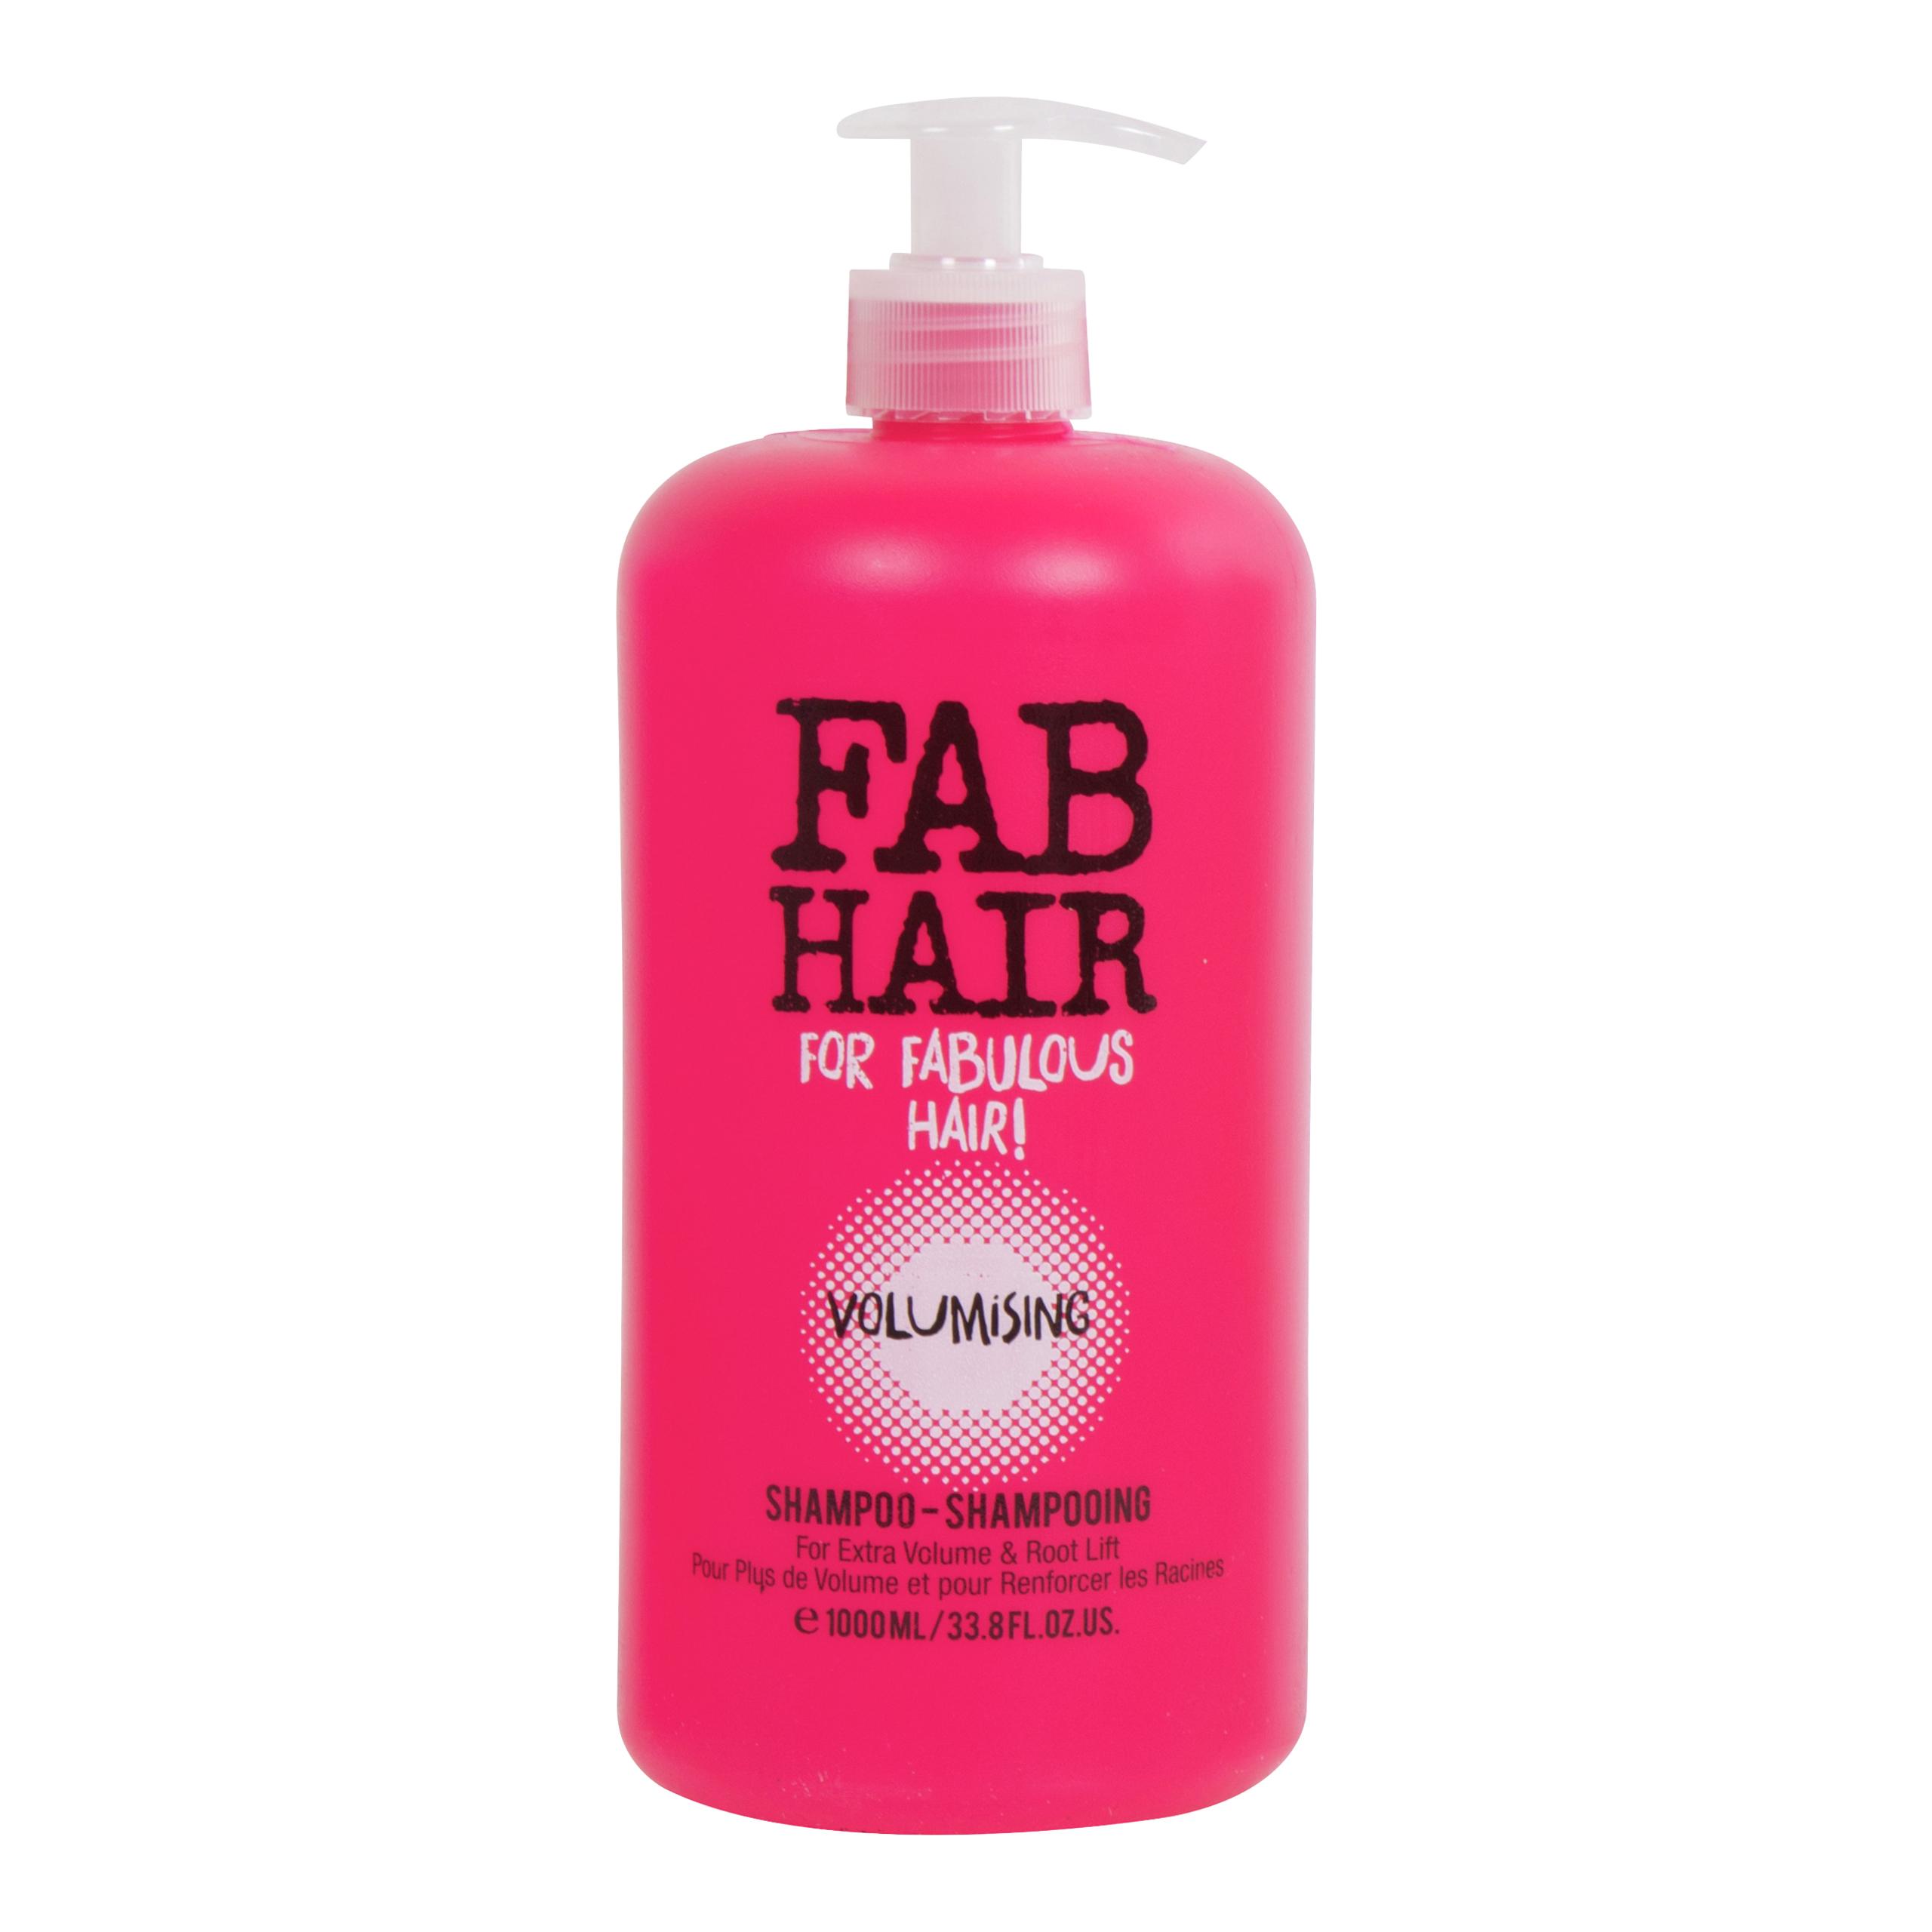 FAB HAIR SHAMPOO VOLUMISING-SHA655